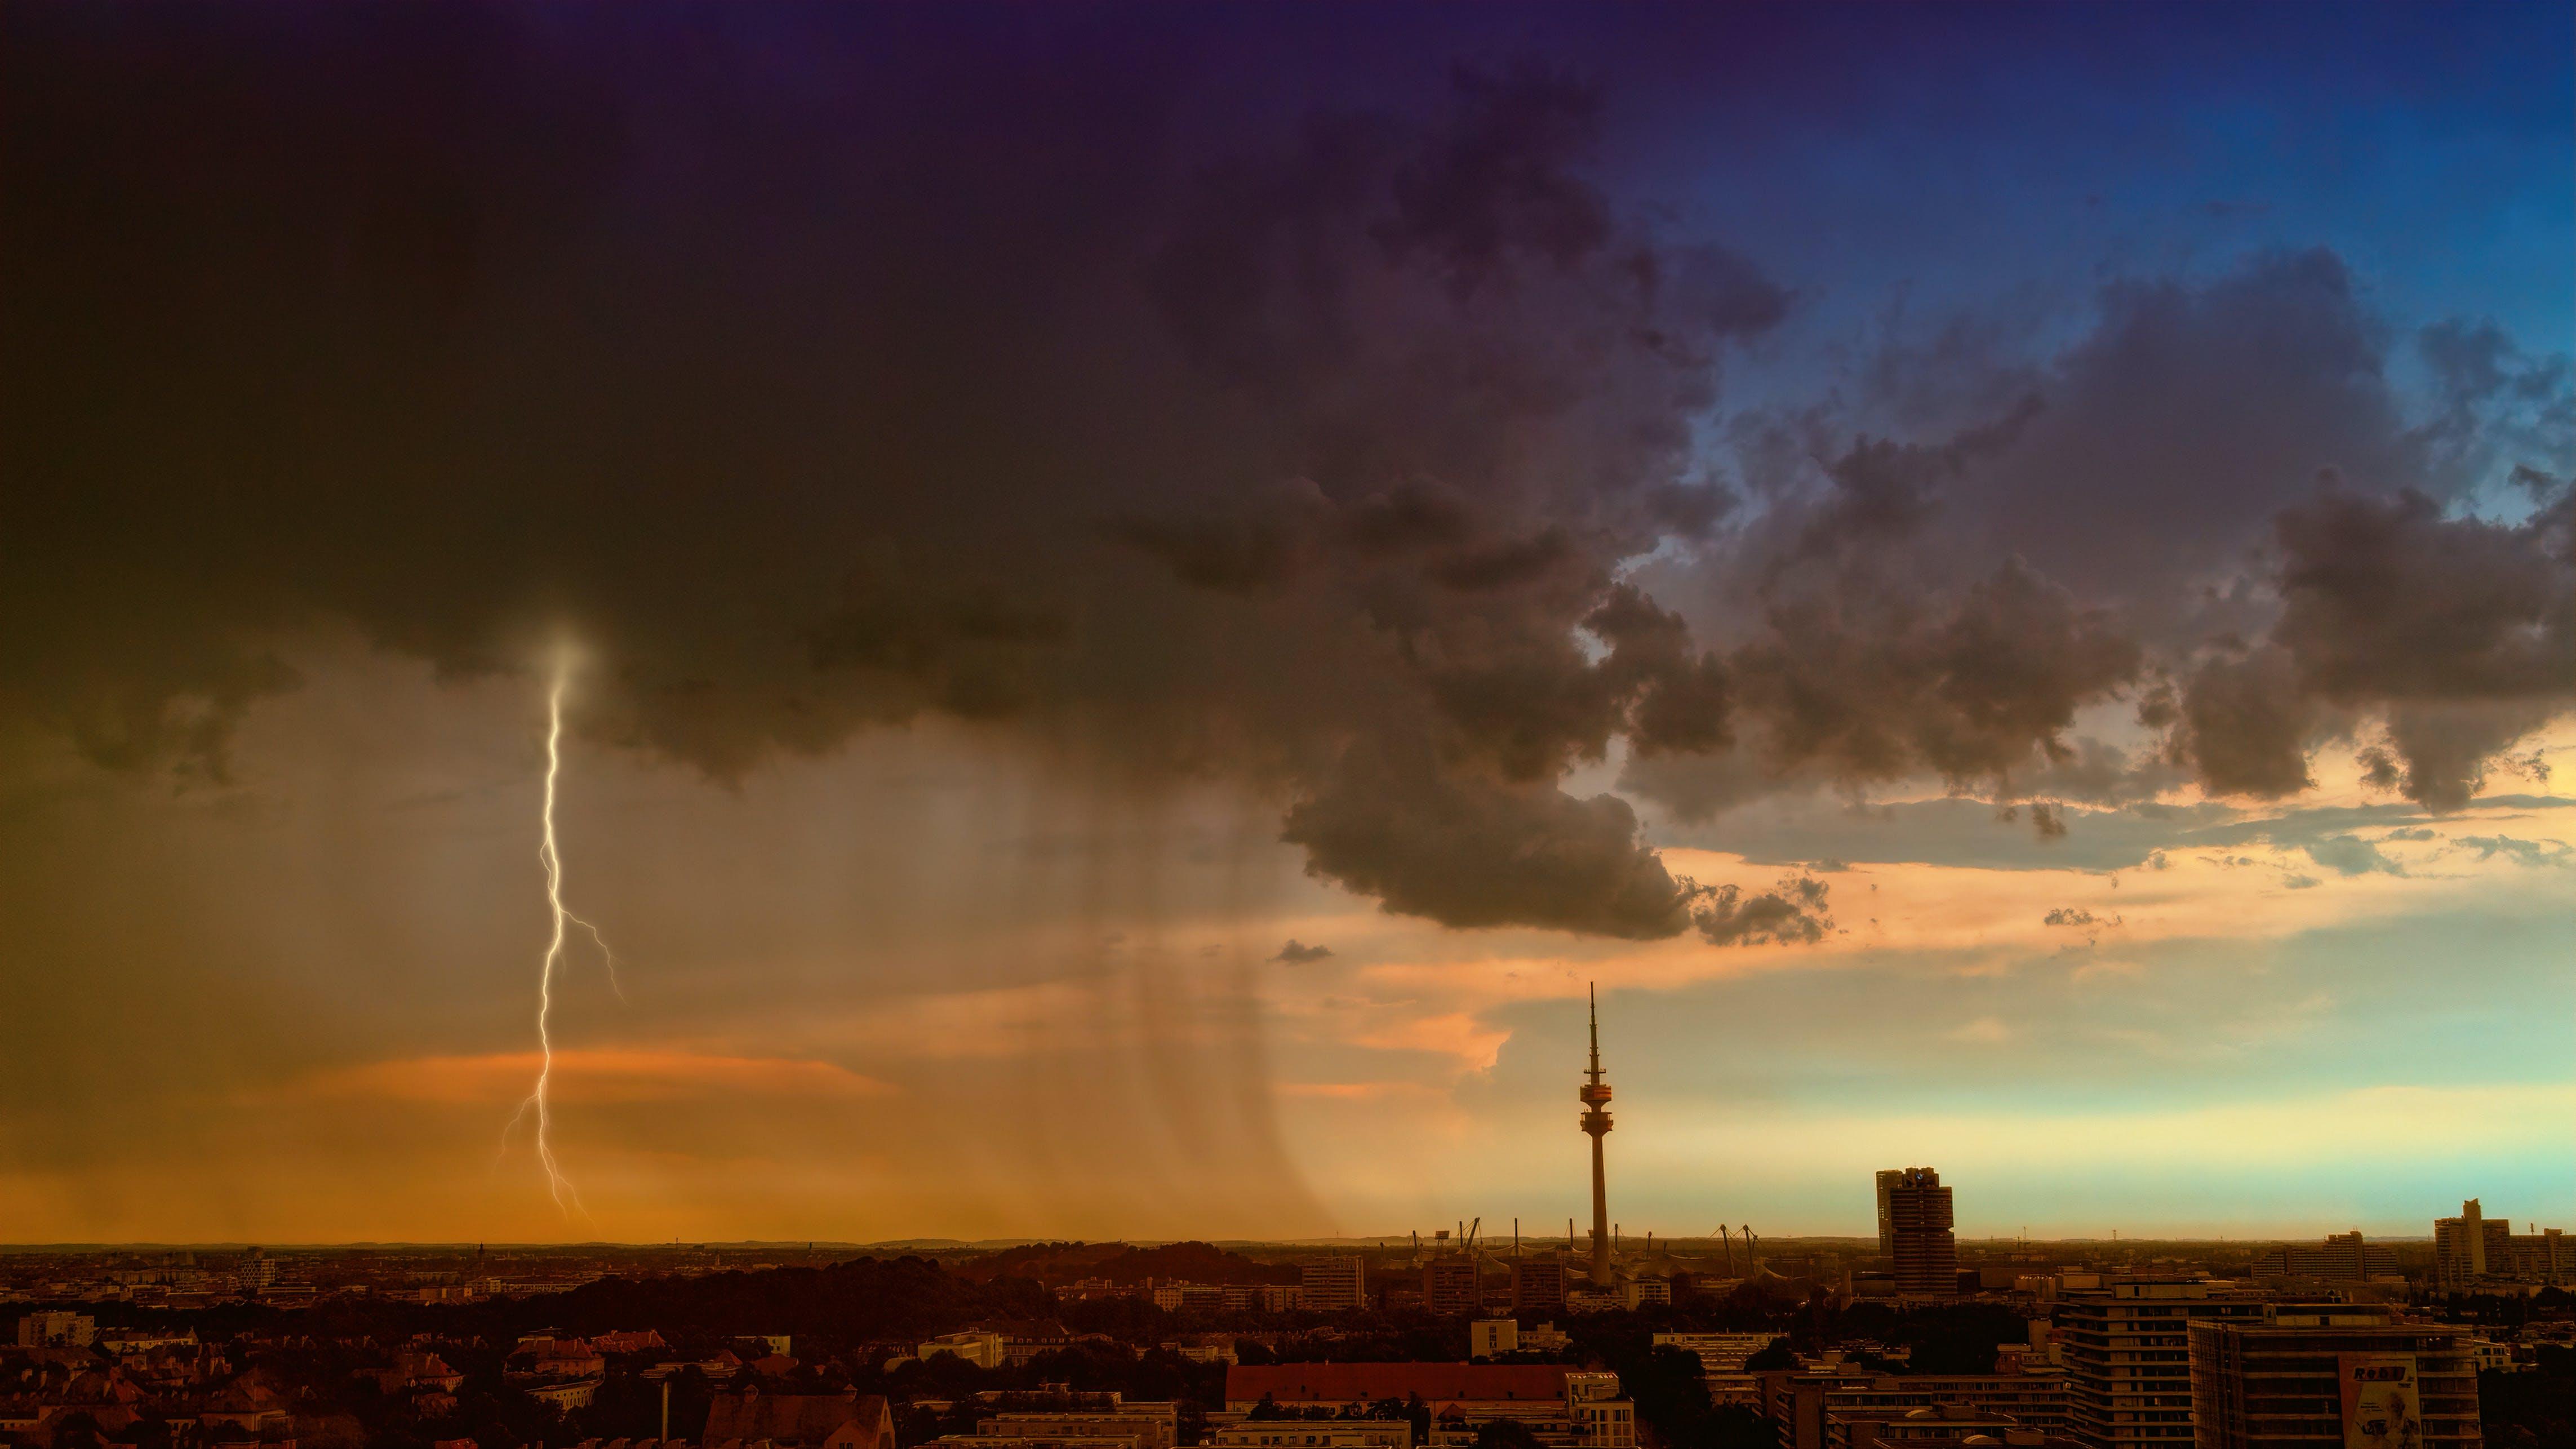 Gratis arkivbilde med by, daggry, forurensning, himmel